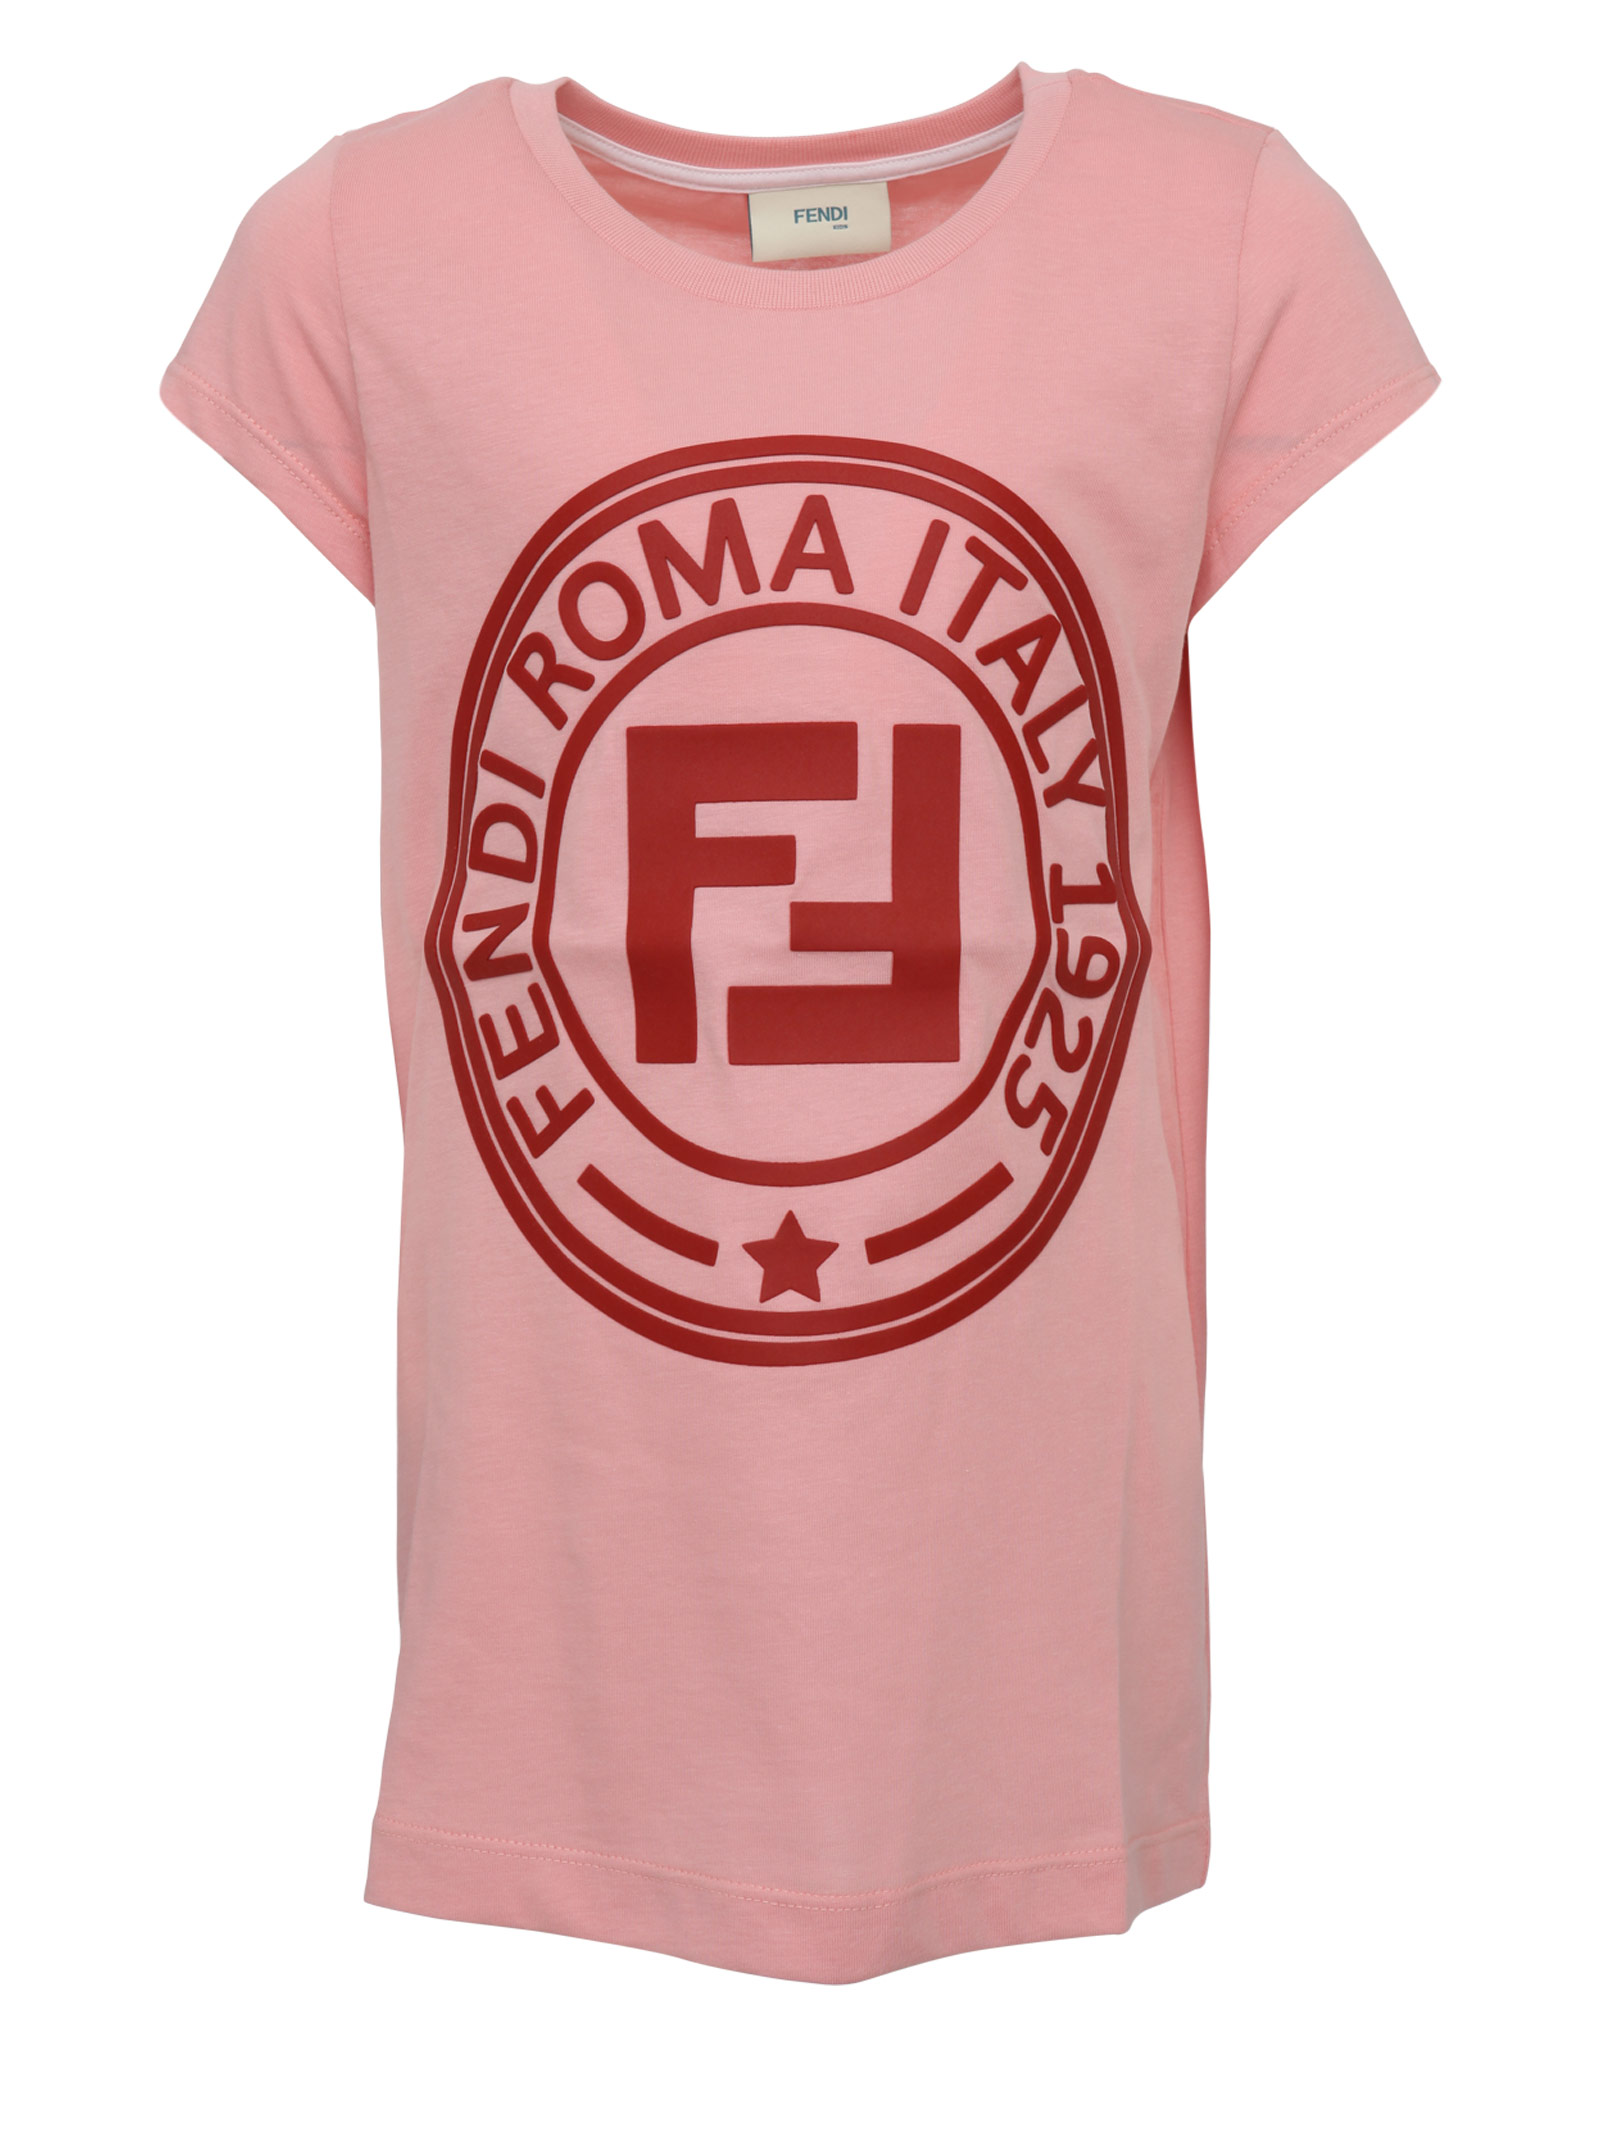 6f40b6878358 Michele Franzese Moda. 0. Fendi Kids T-shirt Fendi Kids